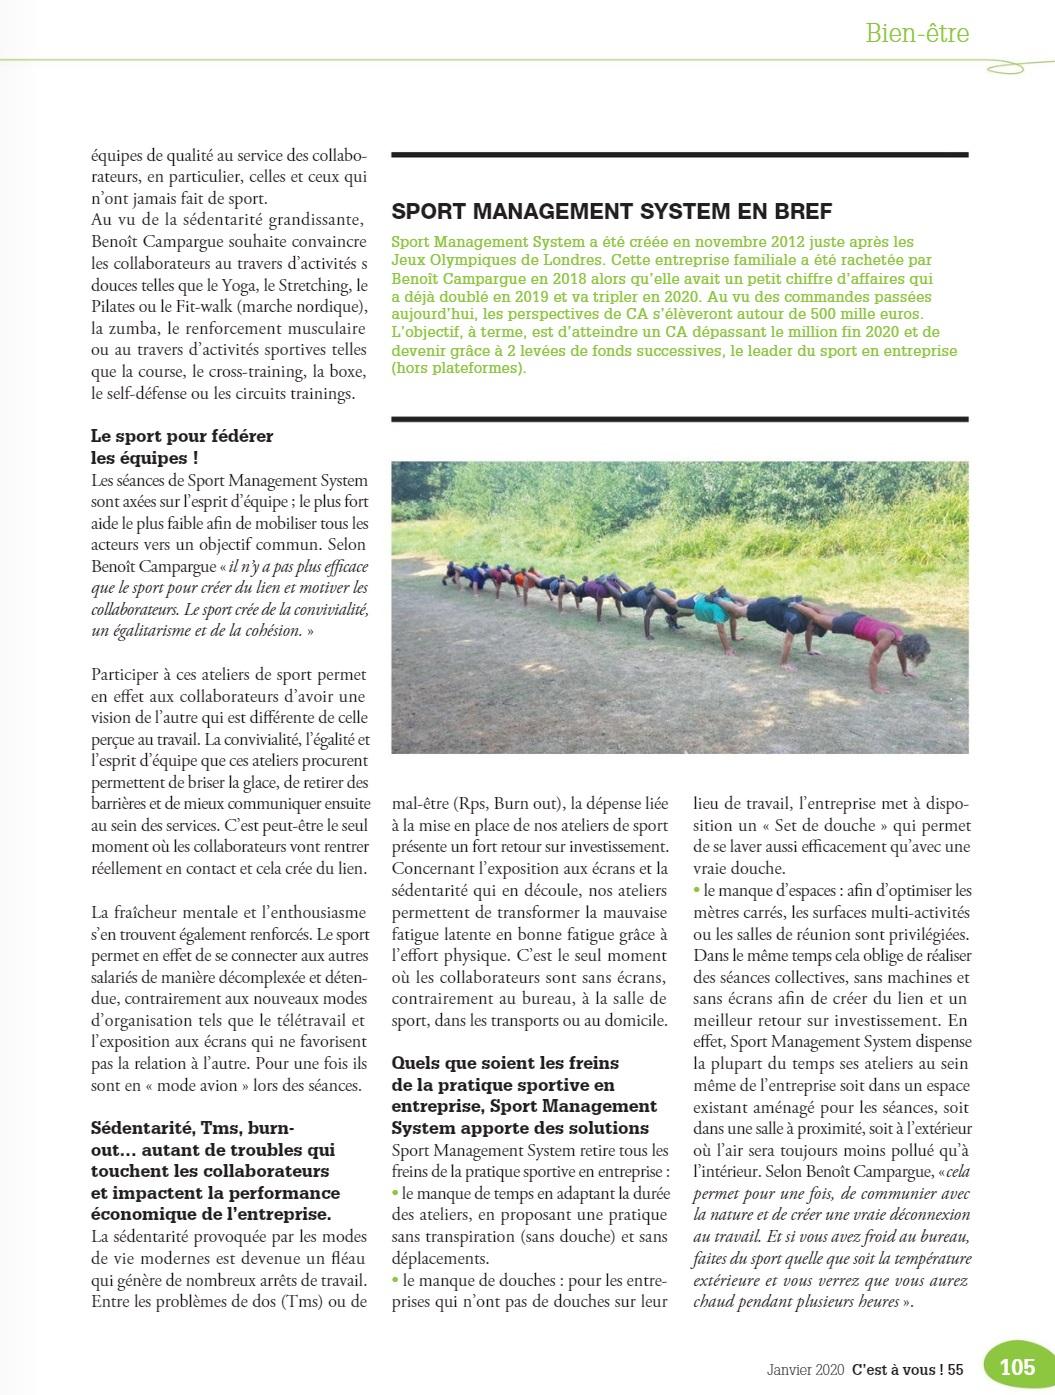 Article sur le Medef Paris ile-de-france sur le sport-en-entreprise avec Sport-Management-System